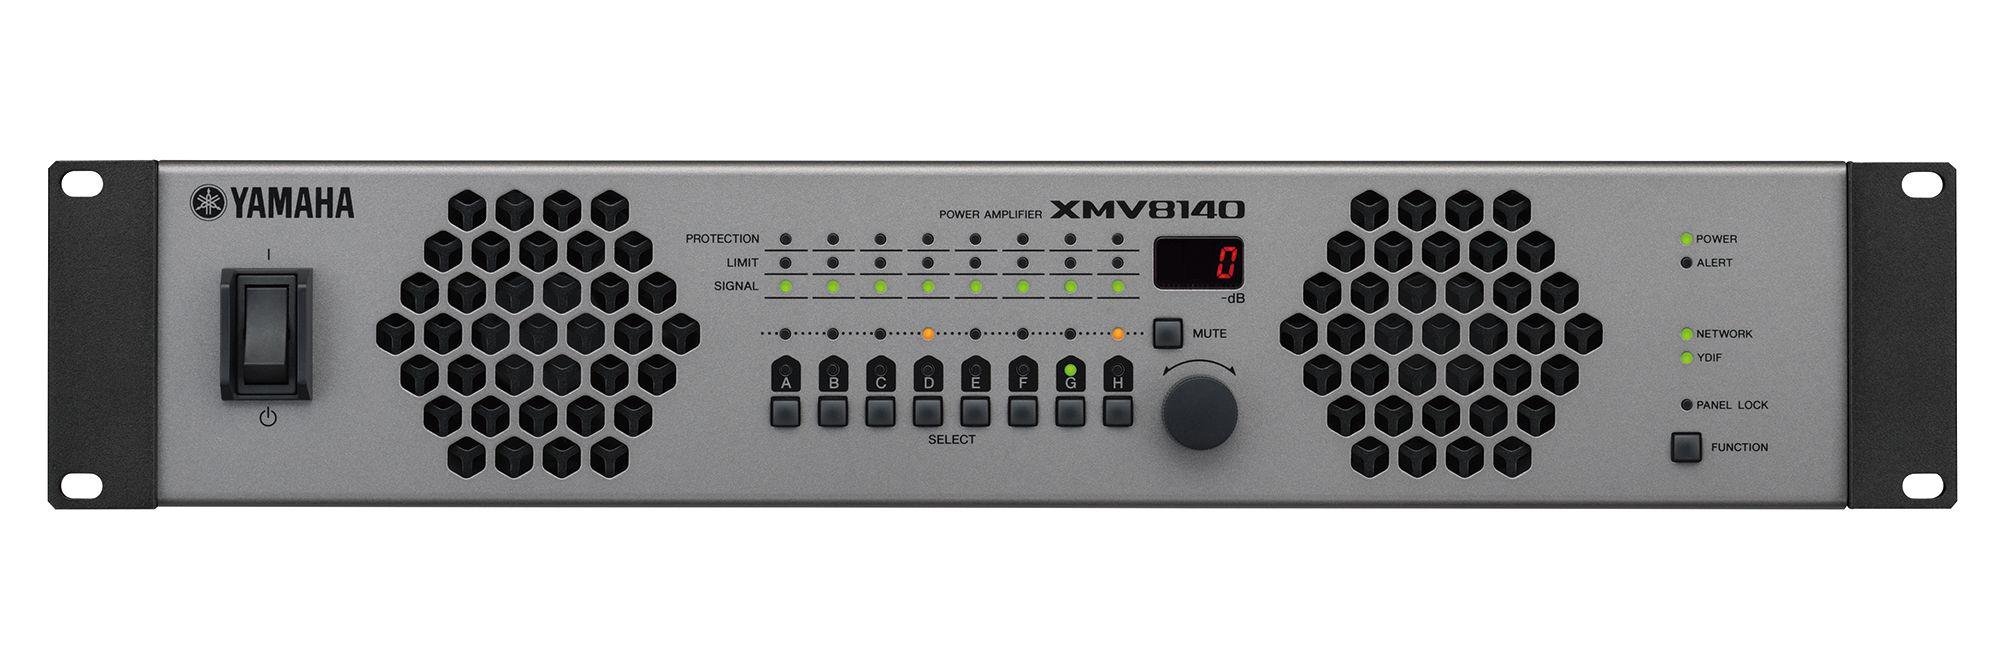 xmv8140.jpg